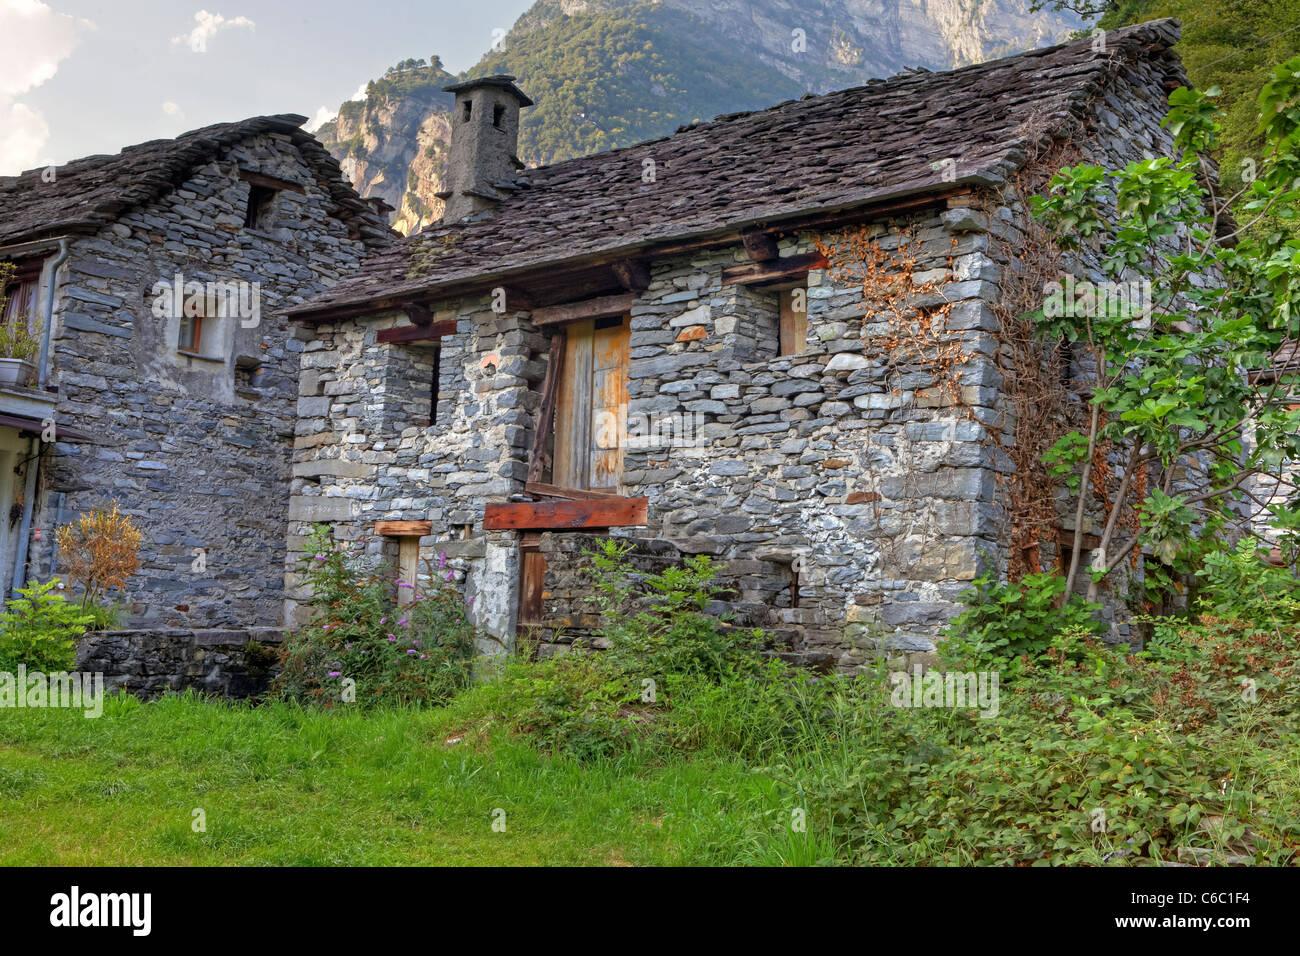 Case In Pietra Antiche : Antiche case di pietra in stile architettonico tipico della valle